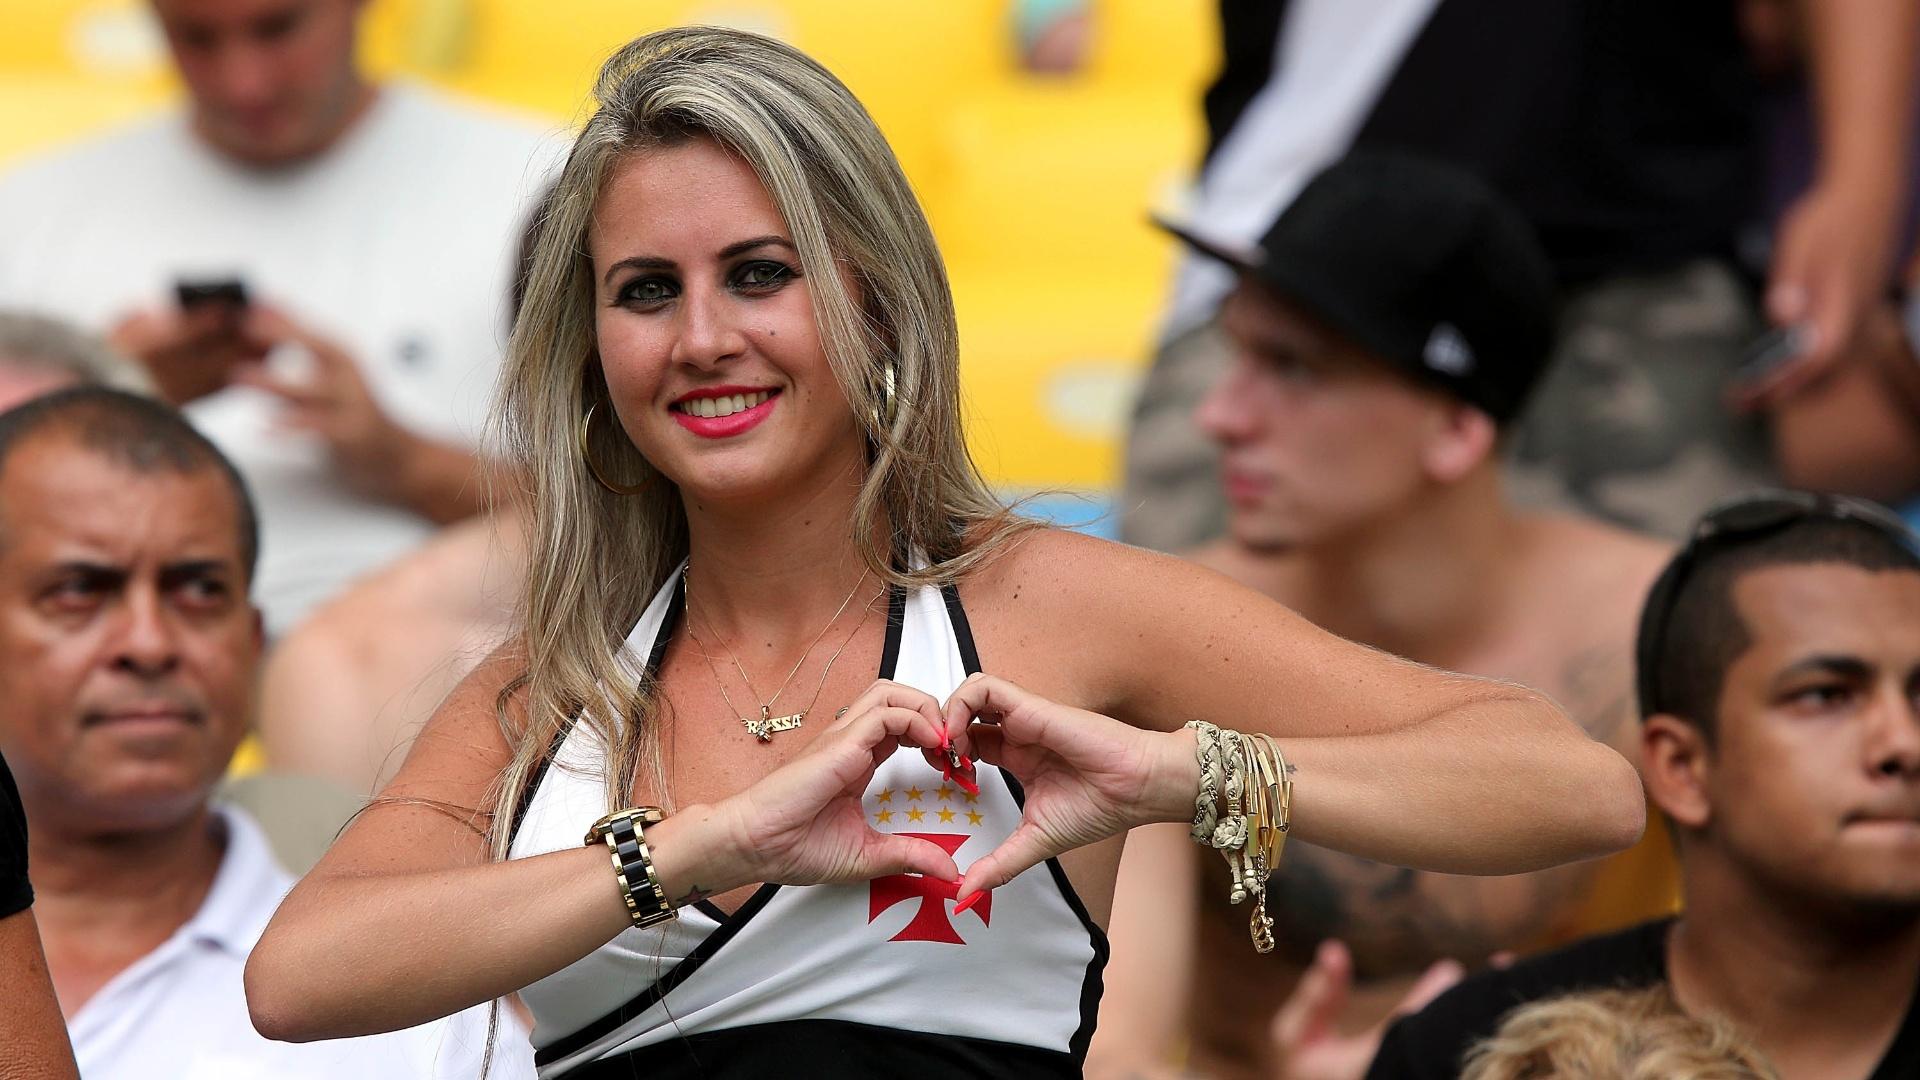 Torcedora do Vasco mostra muito amor antes do duelo contra o Flamengo - 14.abr.2014